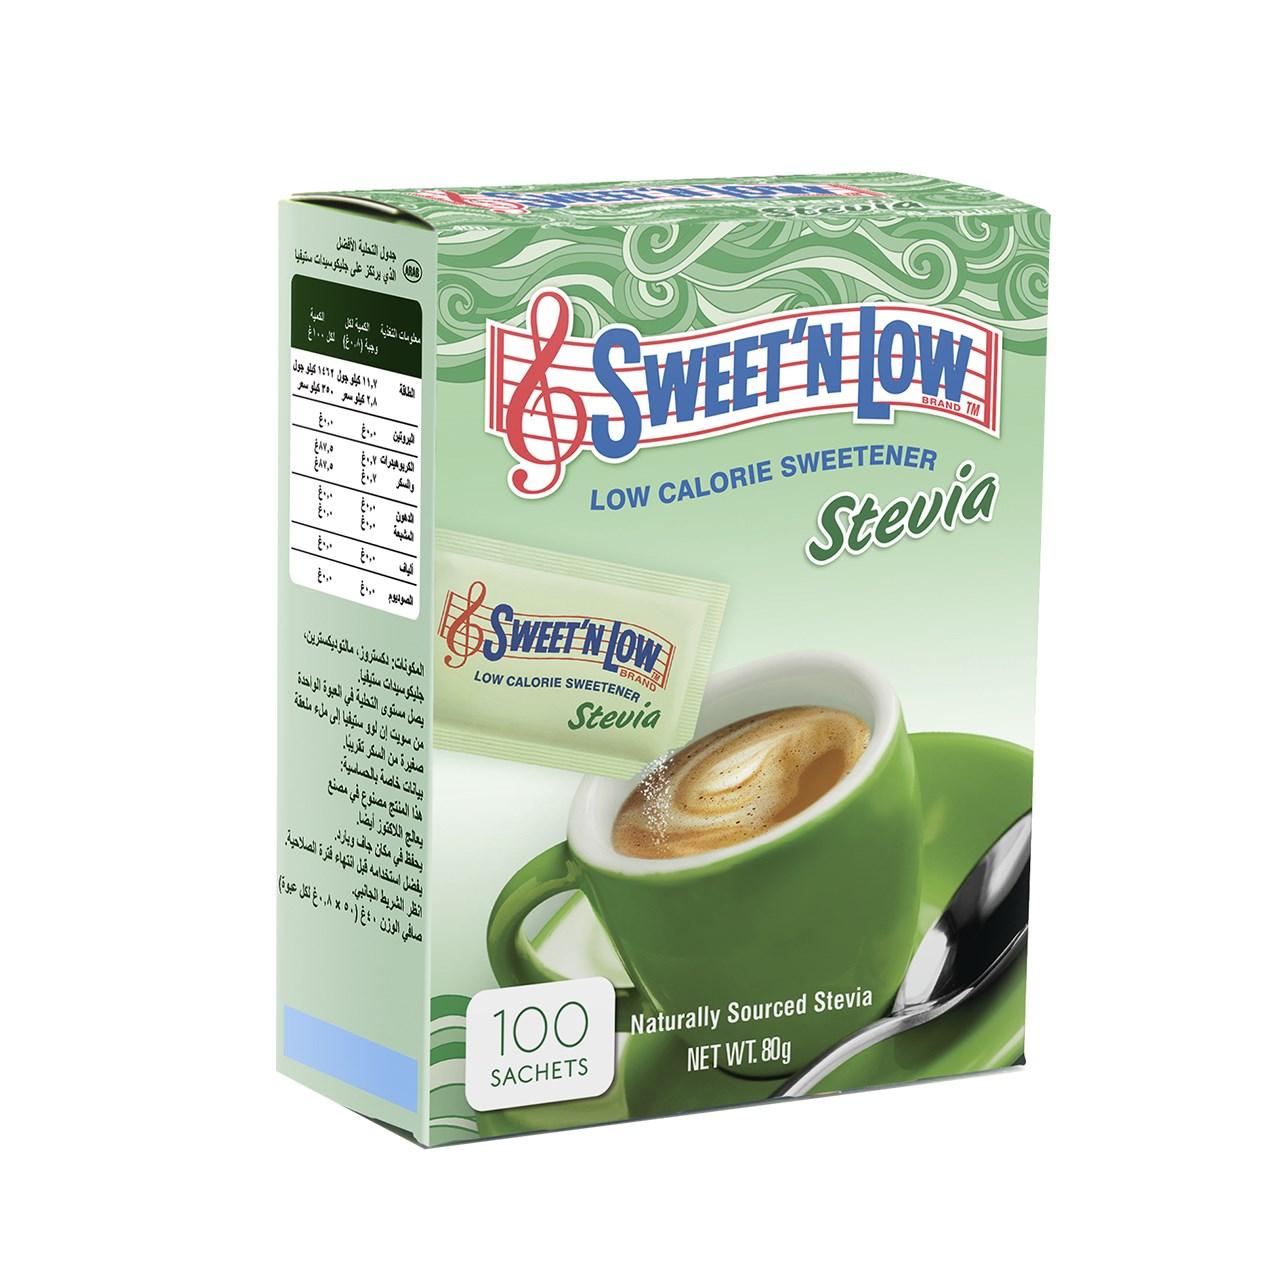 ساشه شیرین کننده سوئیت اند لو مدل Stevia بسته 100 عددی